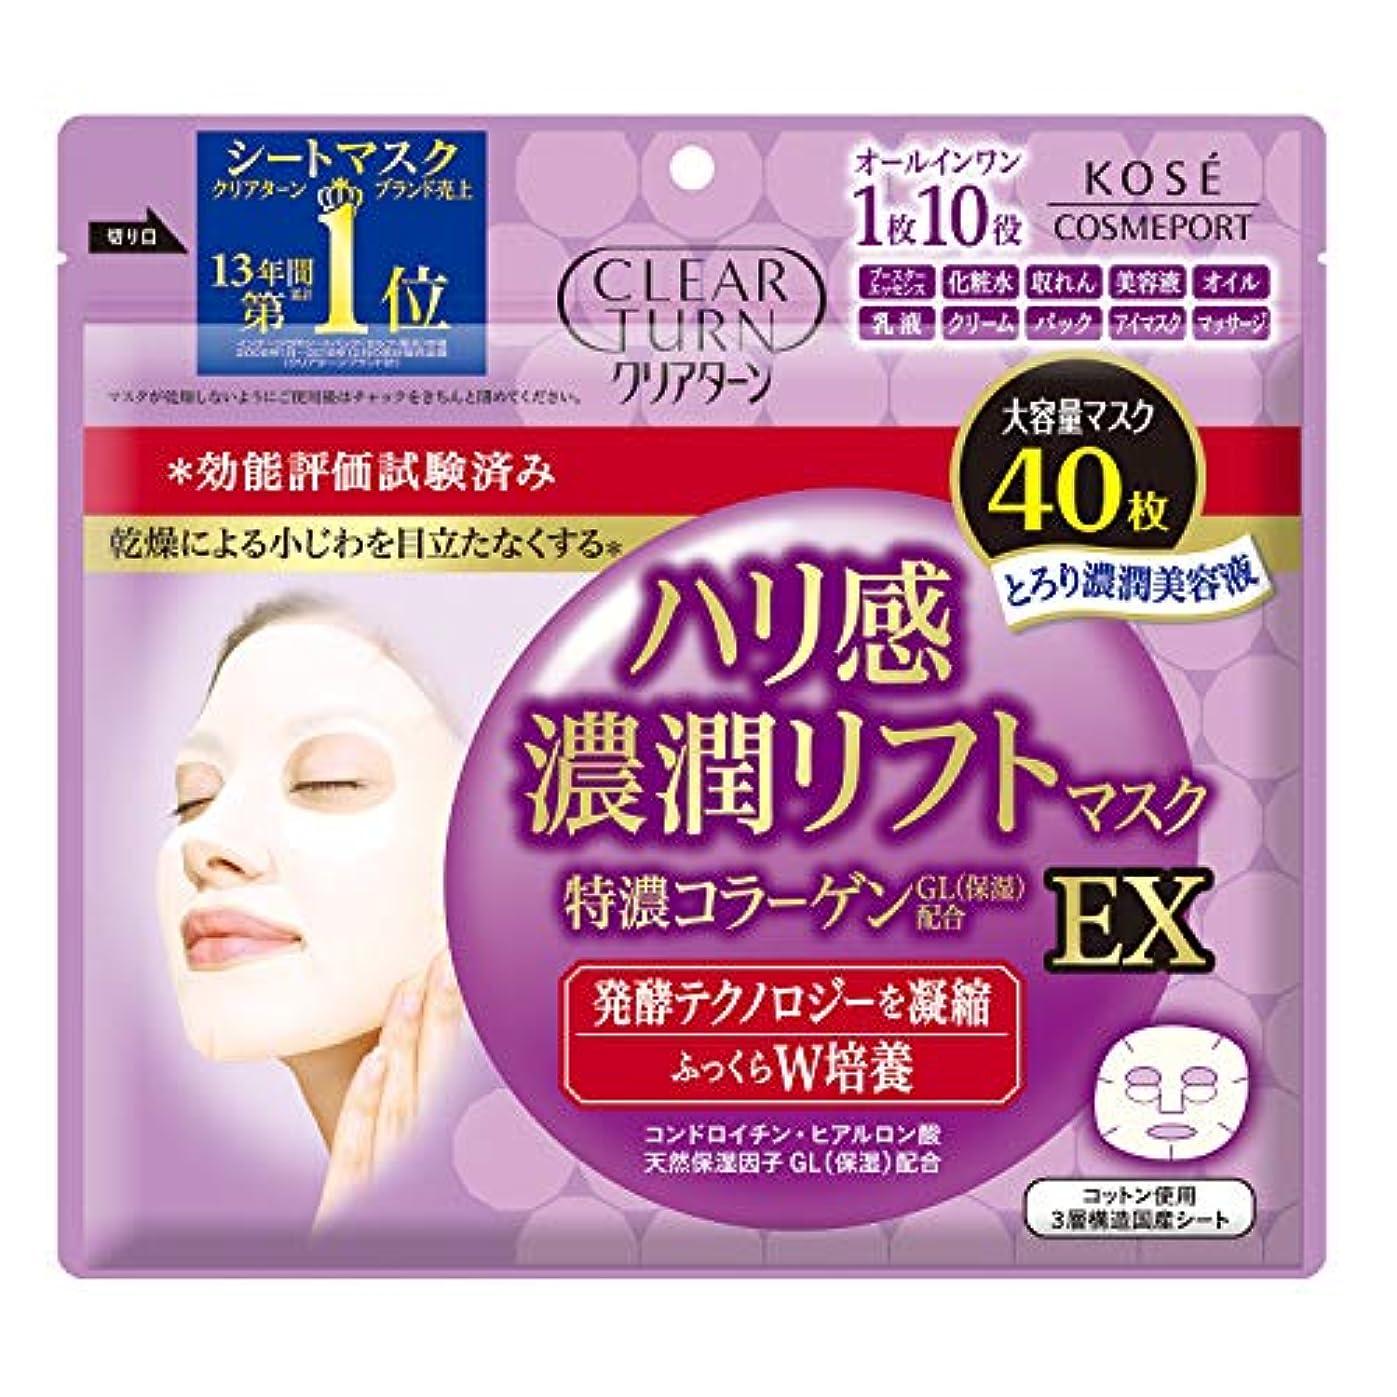 回転するベアリングサークルセミナークリアターン ハリ感濃潤リフトマスク EX フェイスマスク 40枚